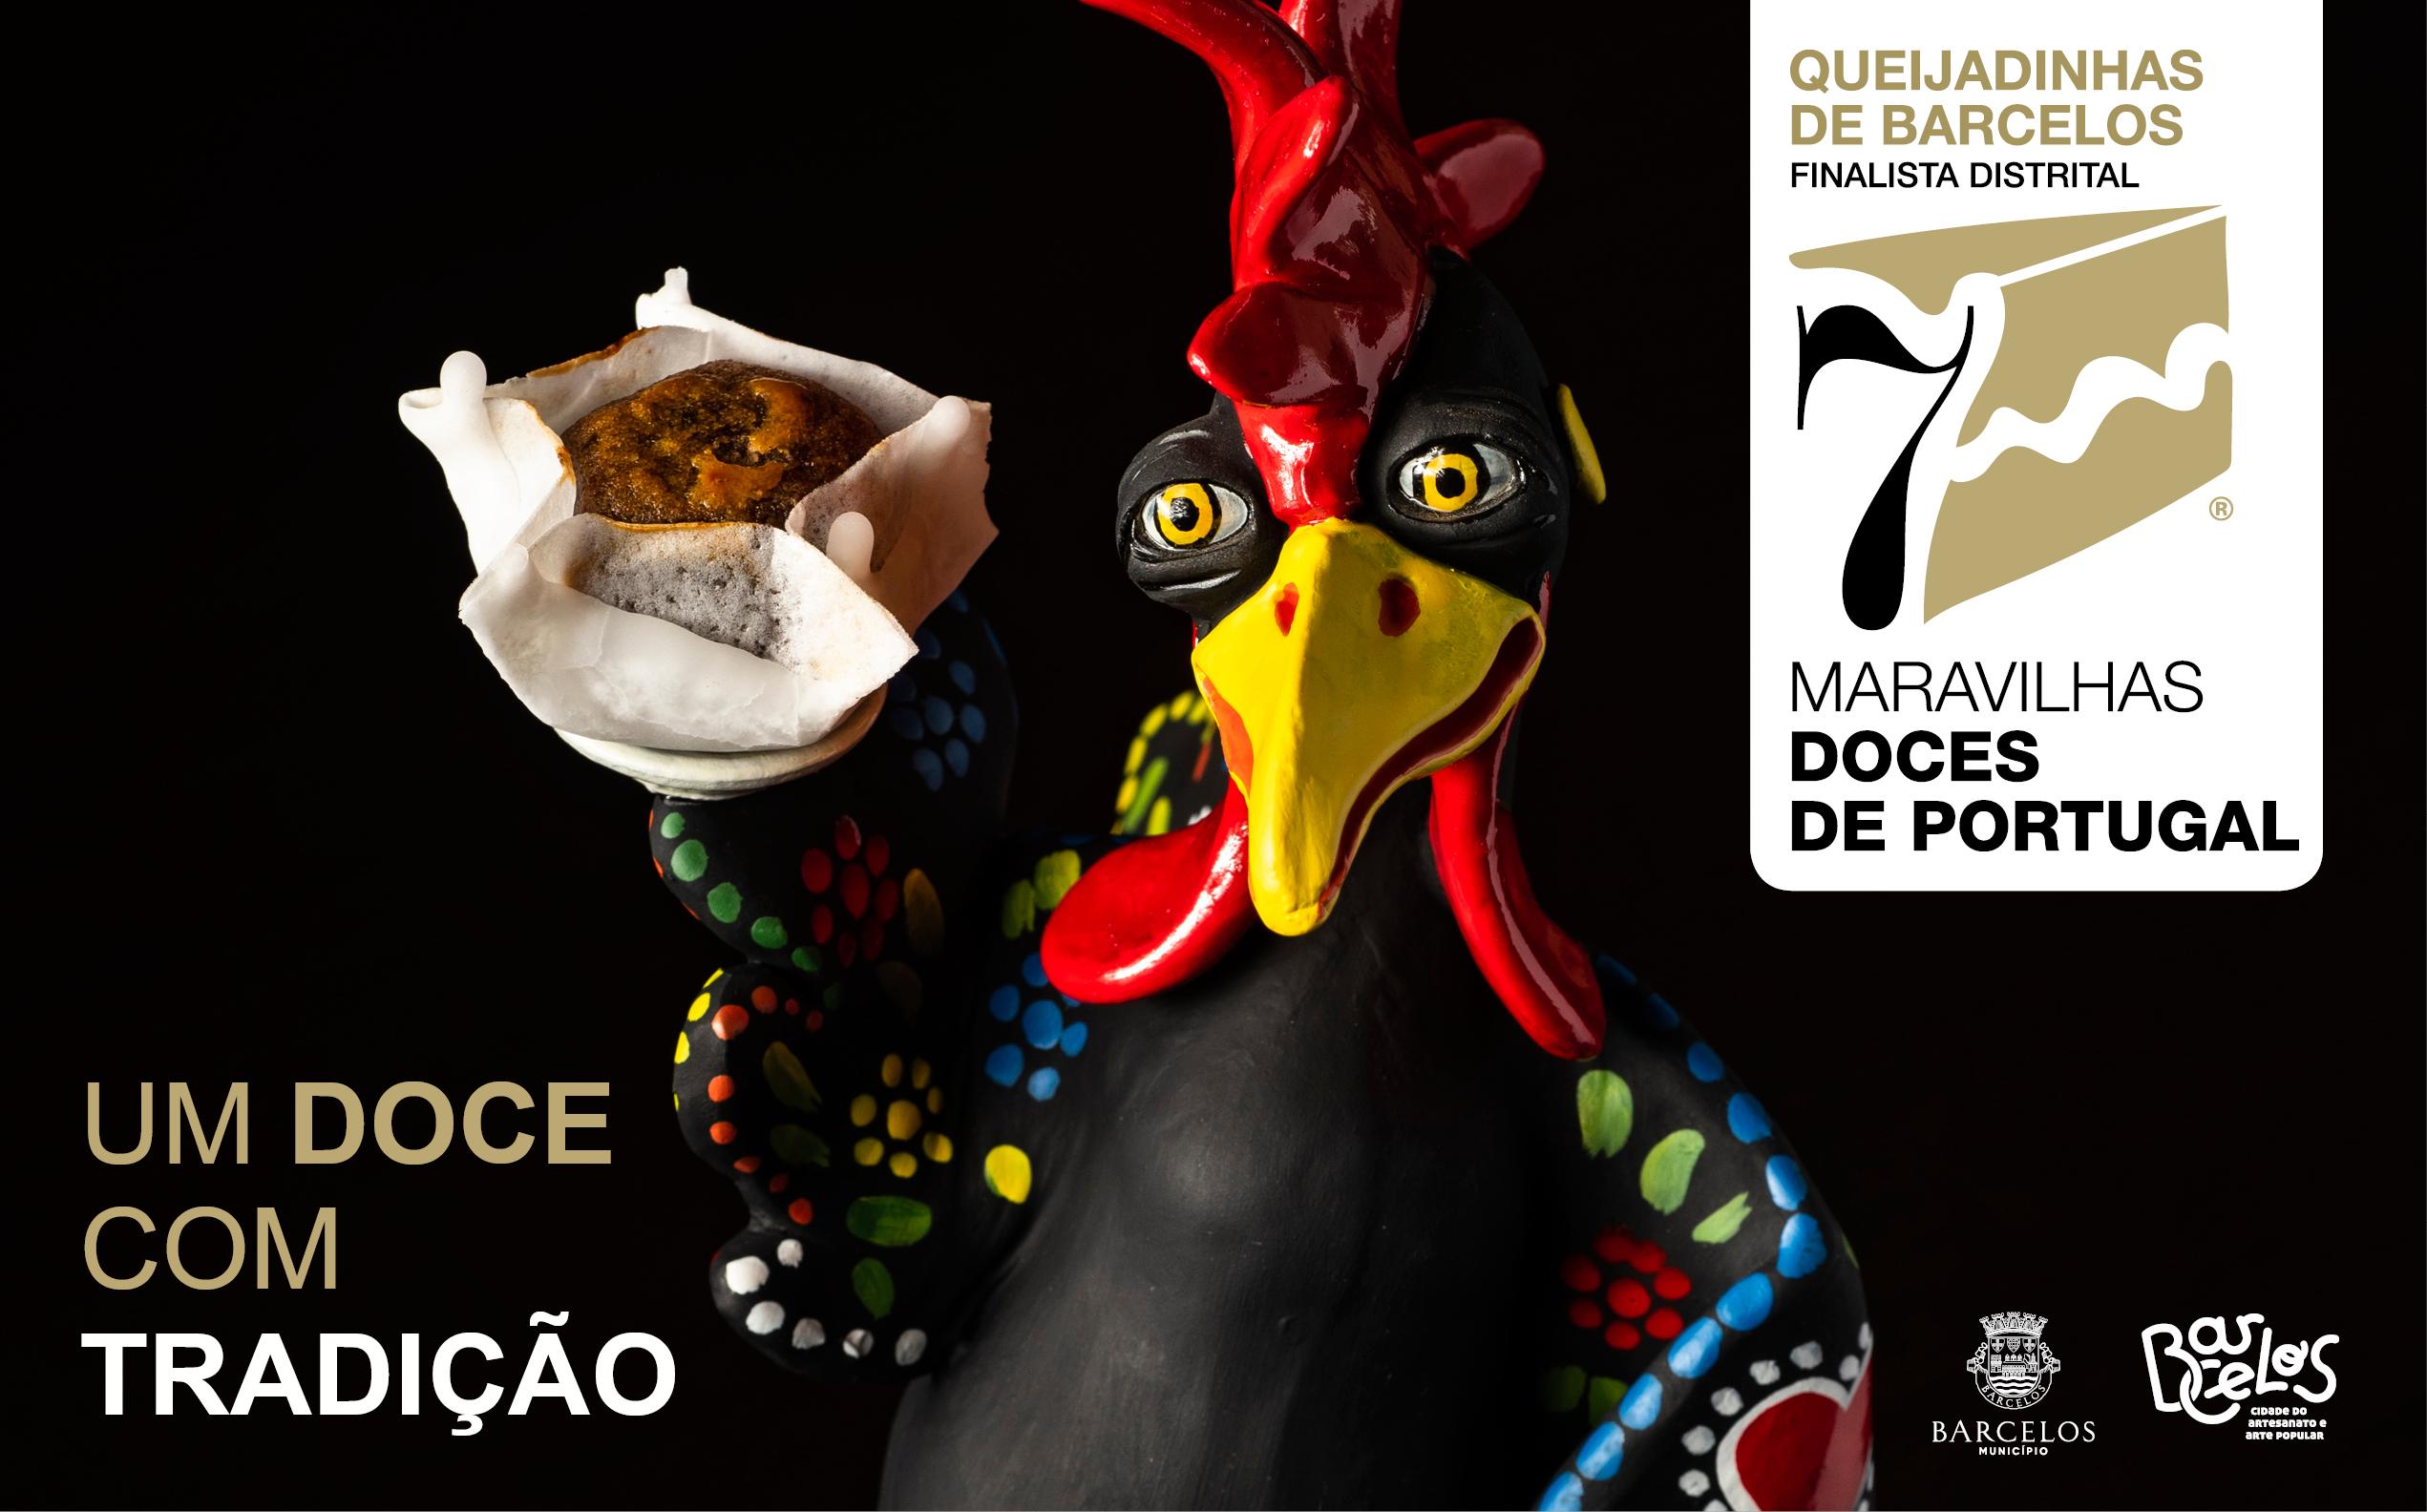 Queijadinhas de Barcelos pré-finalista das